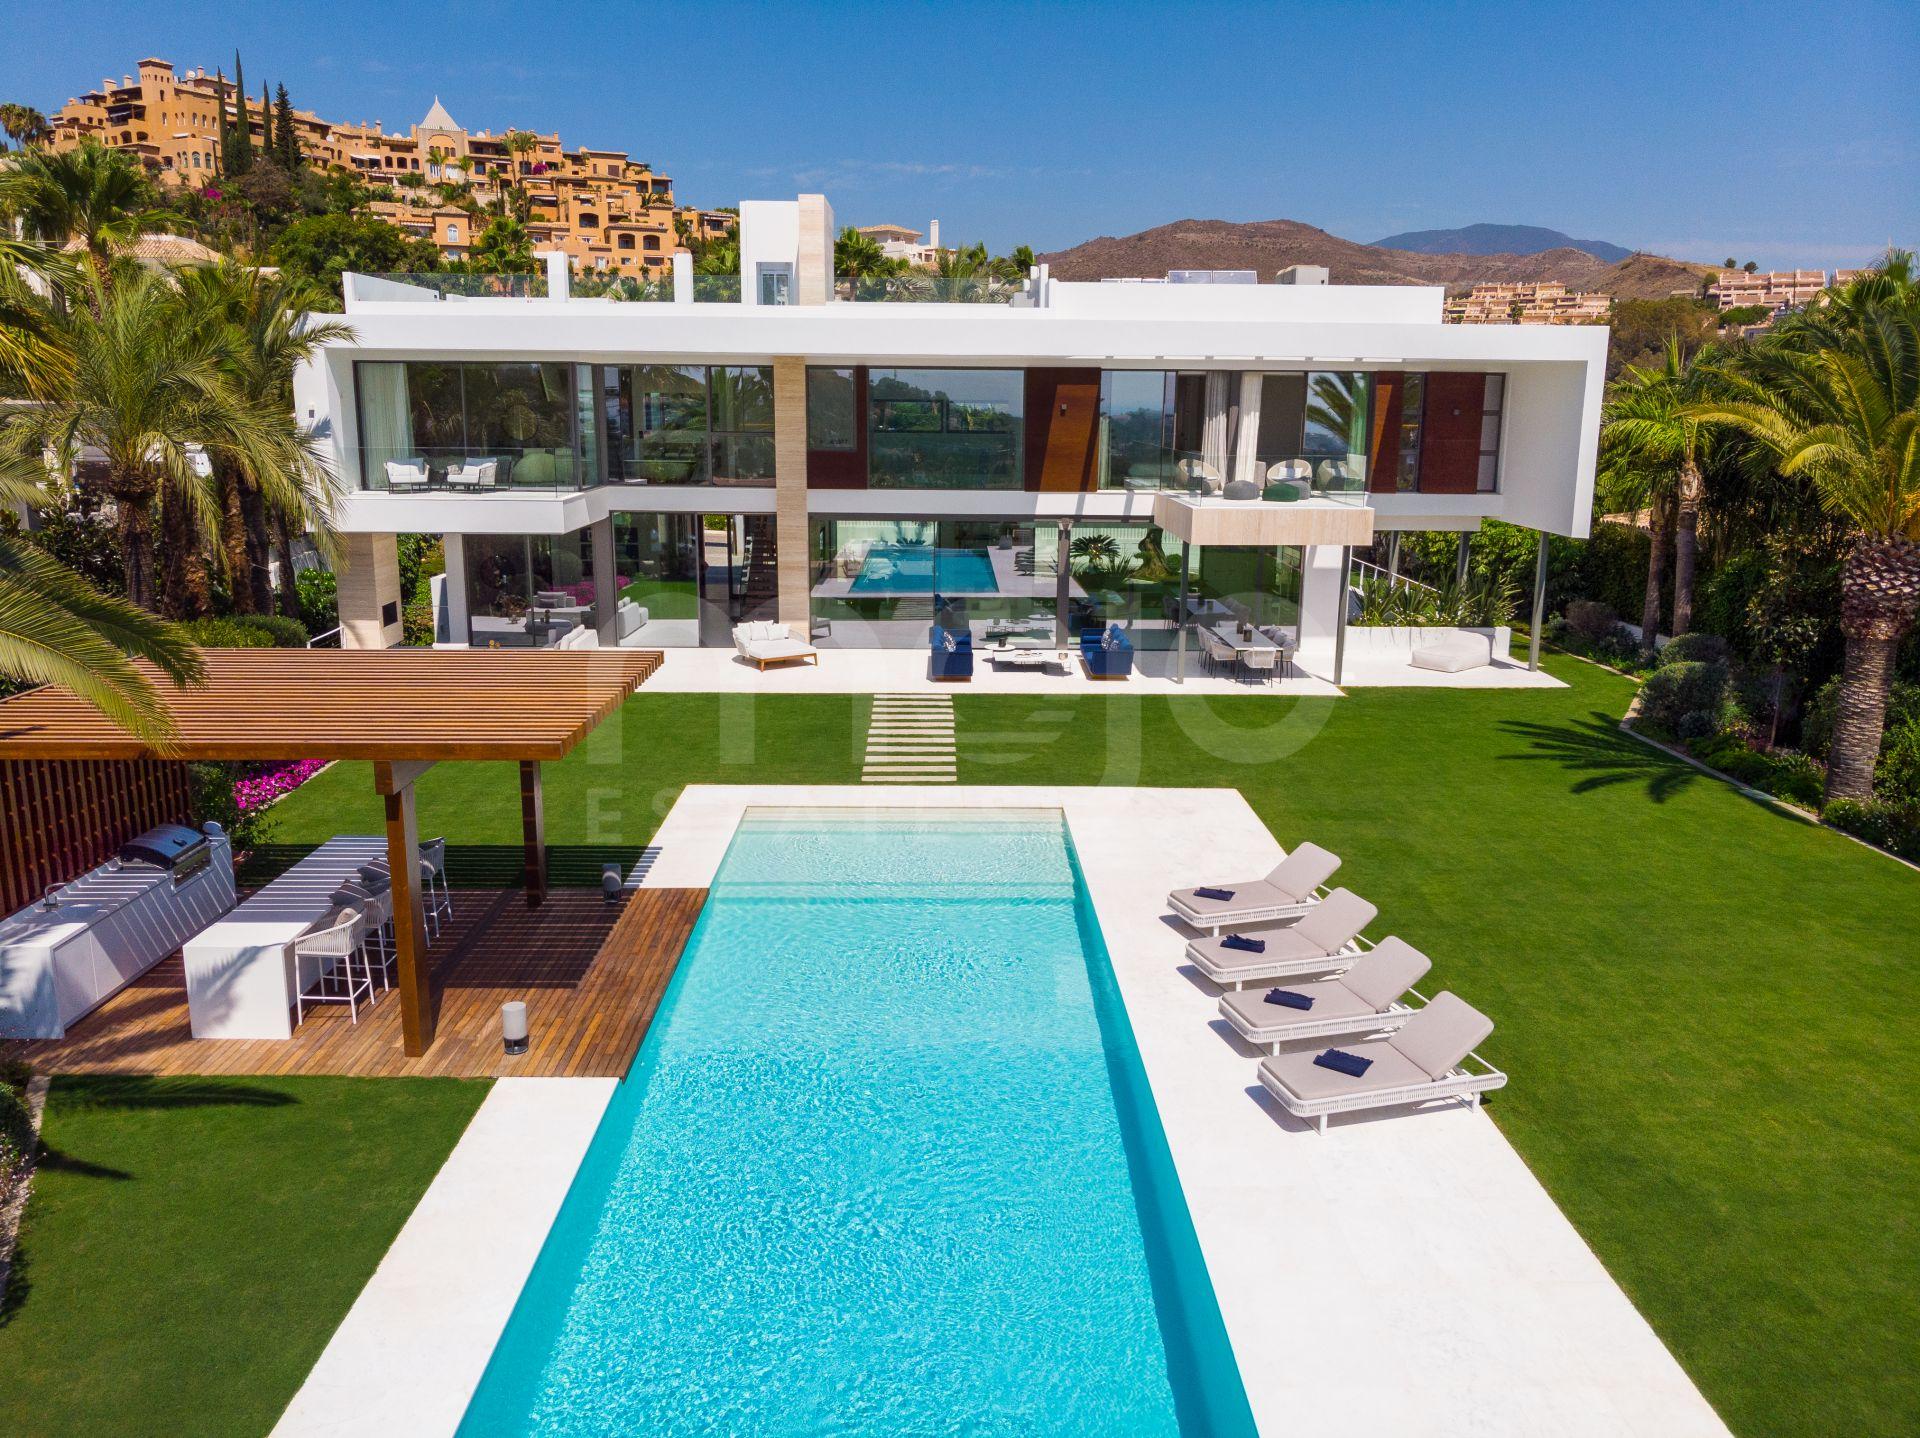 Brand New Contemporary 6 Bedroom Villa in La Cerquilla, Nueva Andalucía, Marbella